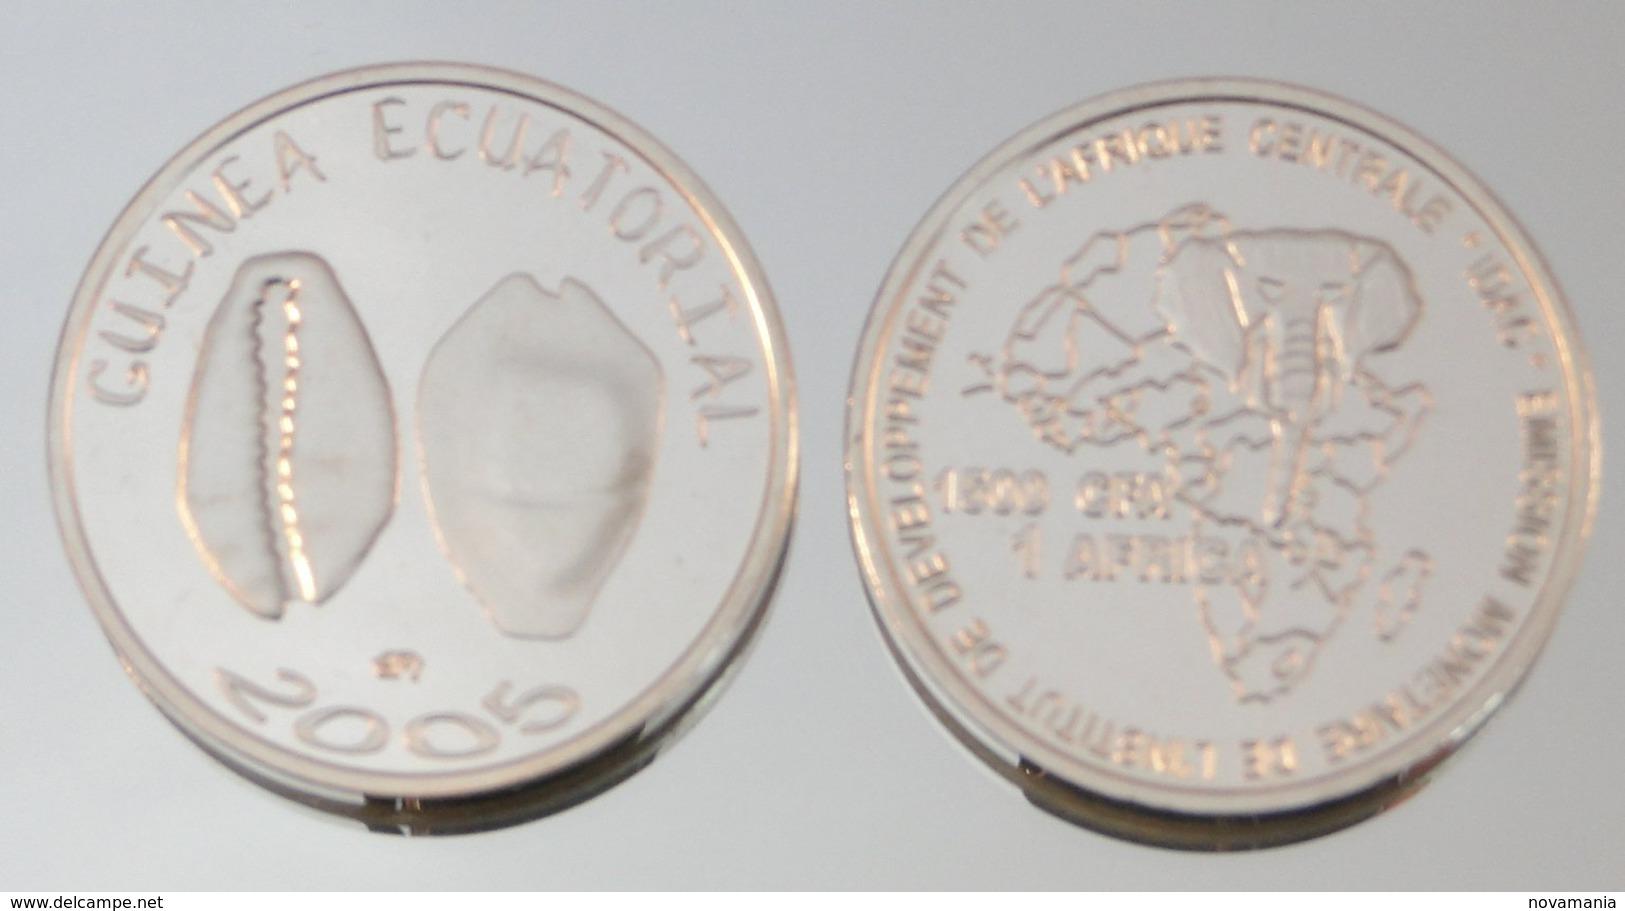 Guinée équatoriale 1500 CFA 2005 Argent Pur .999 Monnaie Primitive - Equatoriaal Guinea